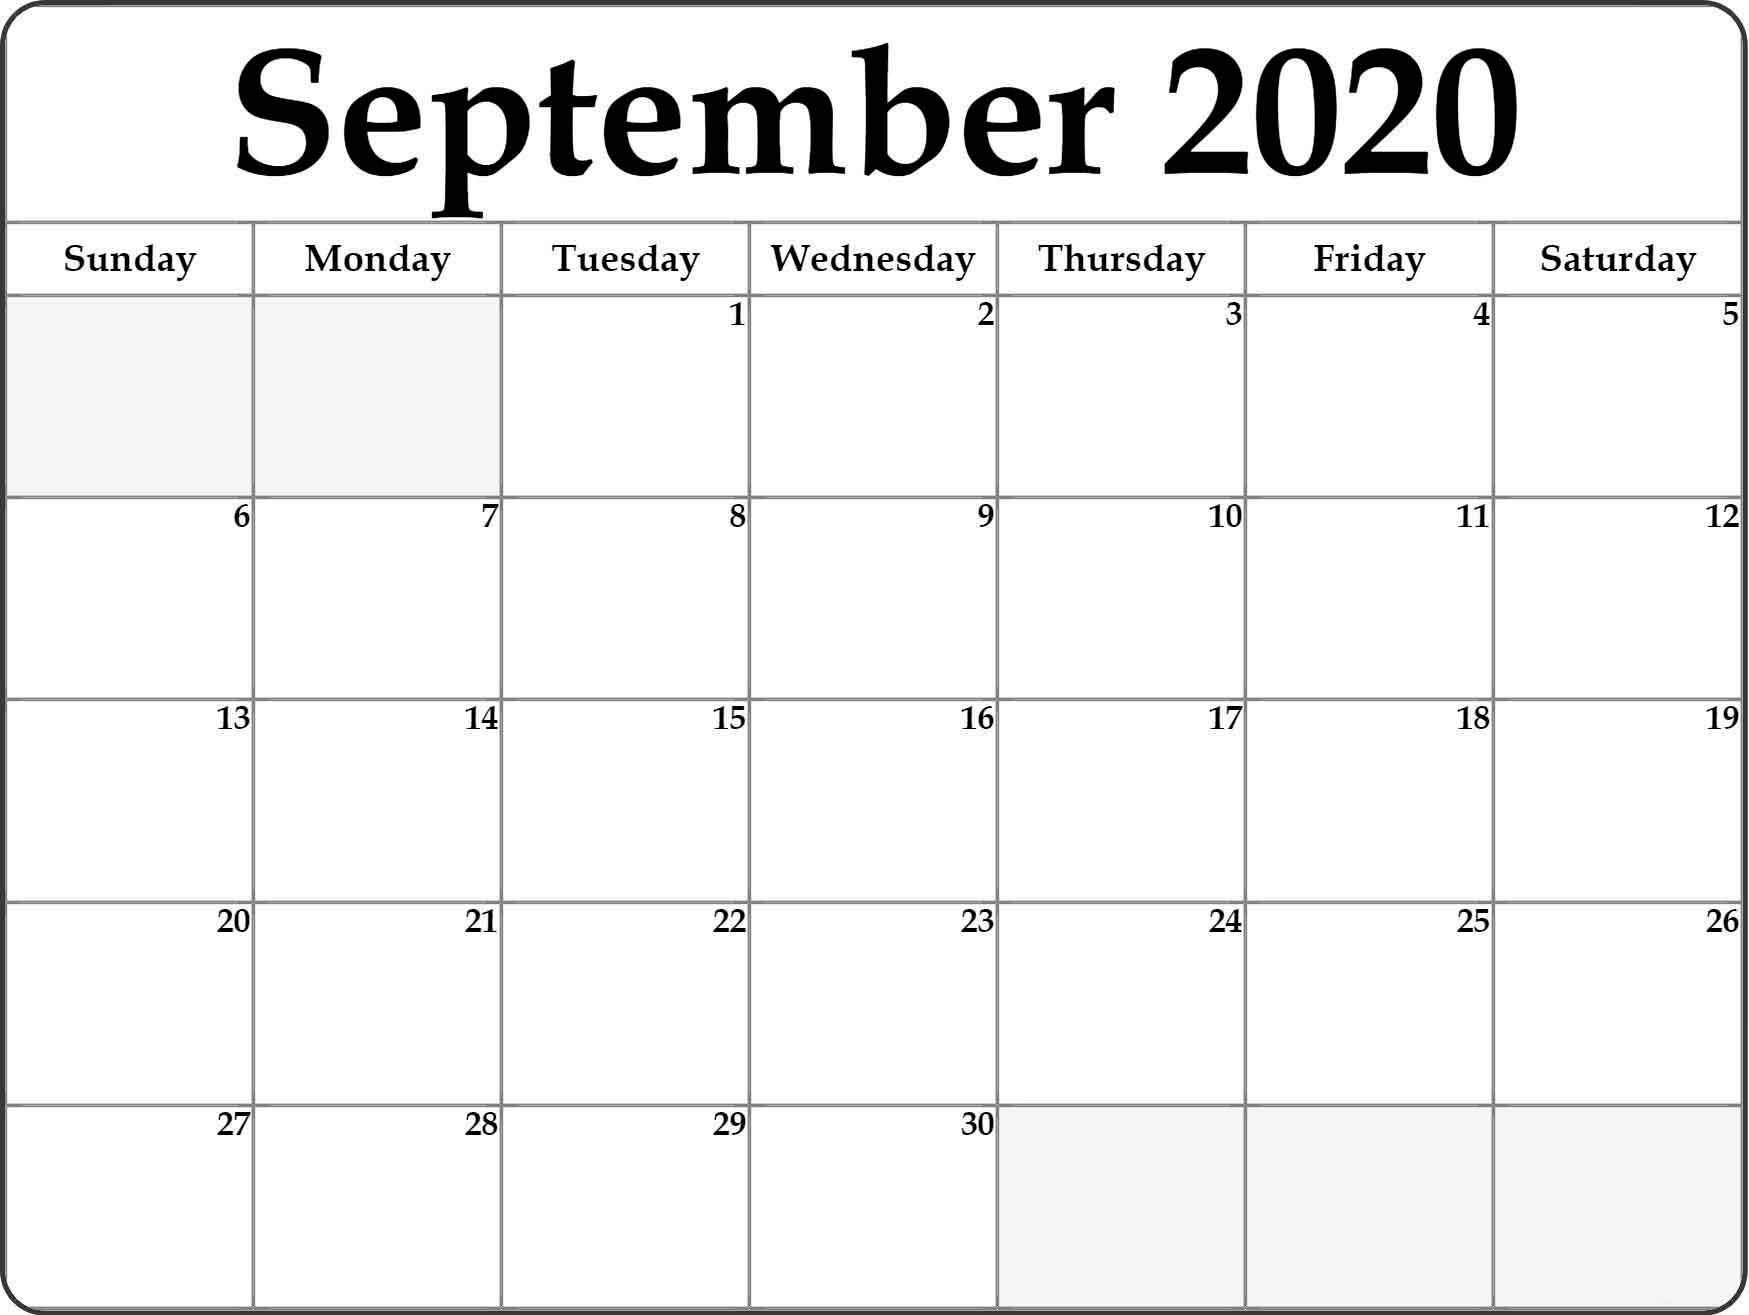 September 2020 Monthly Calendar - Calendar Word intended for September Fill In Calendar 2020